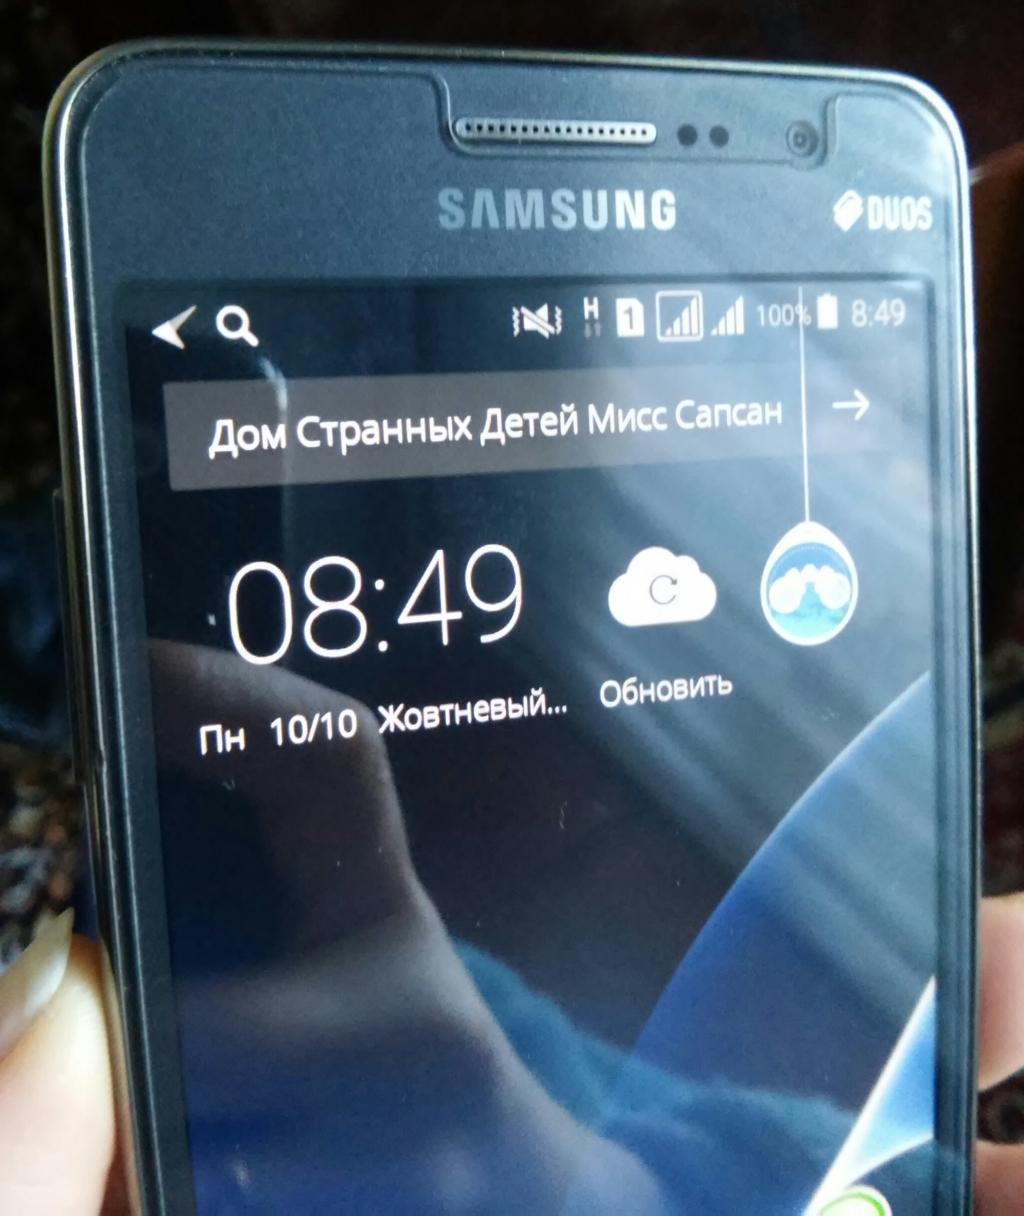 Розетка - интернет-магазин (rozetka.ua) - Отличный интернет-магазинчик